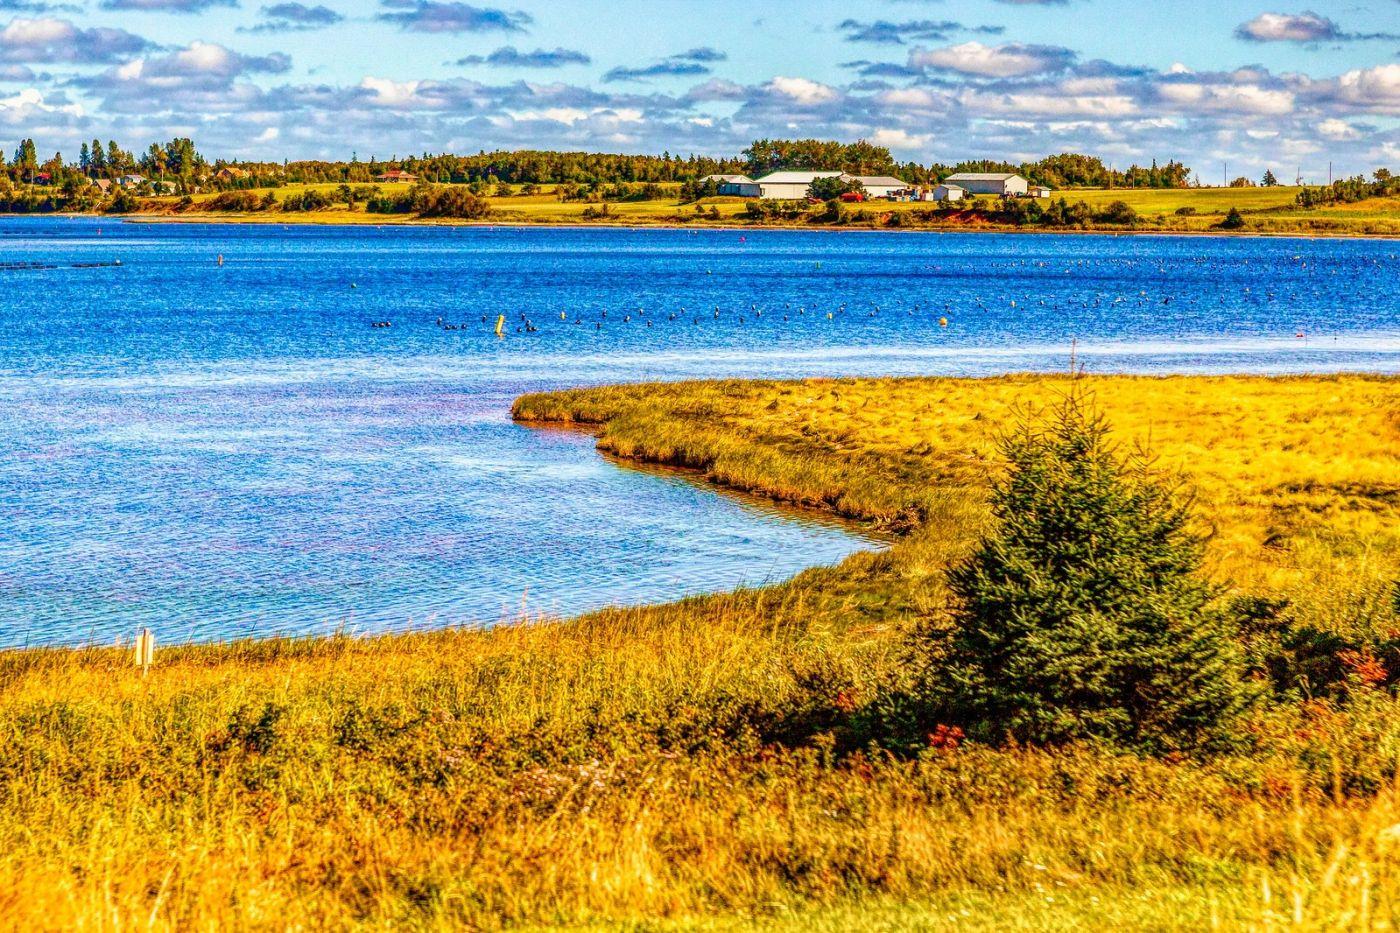 加拿大路途,水边抓拍_图1-36